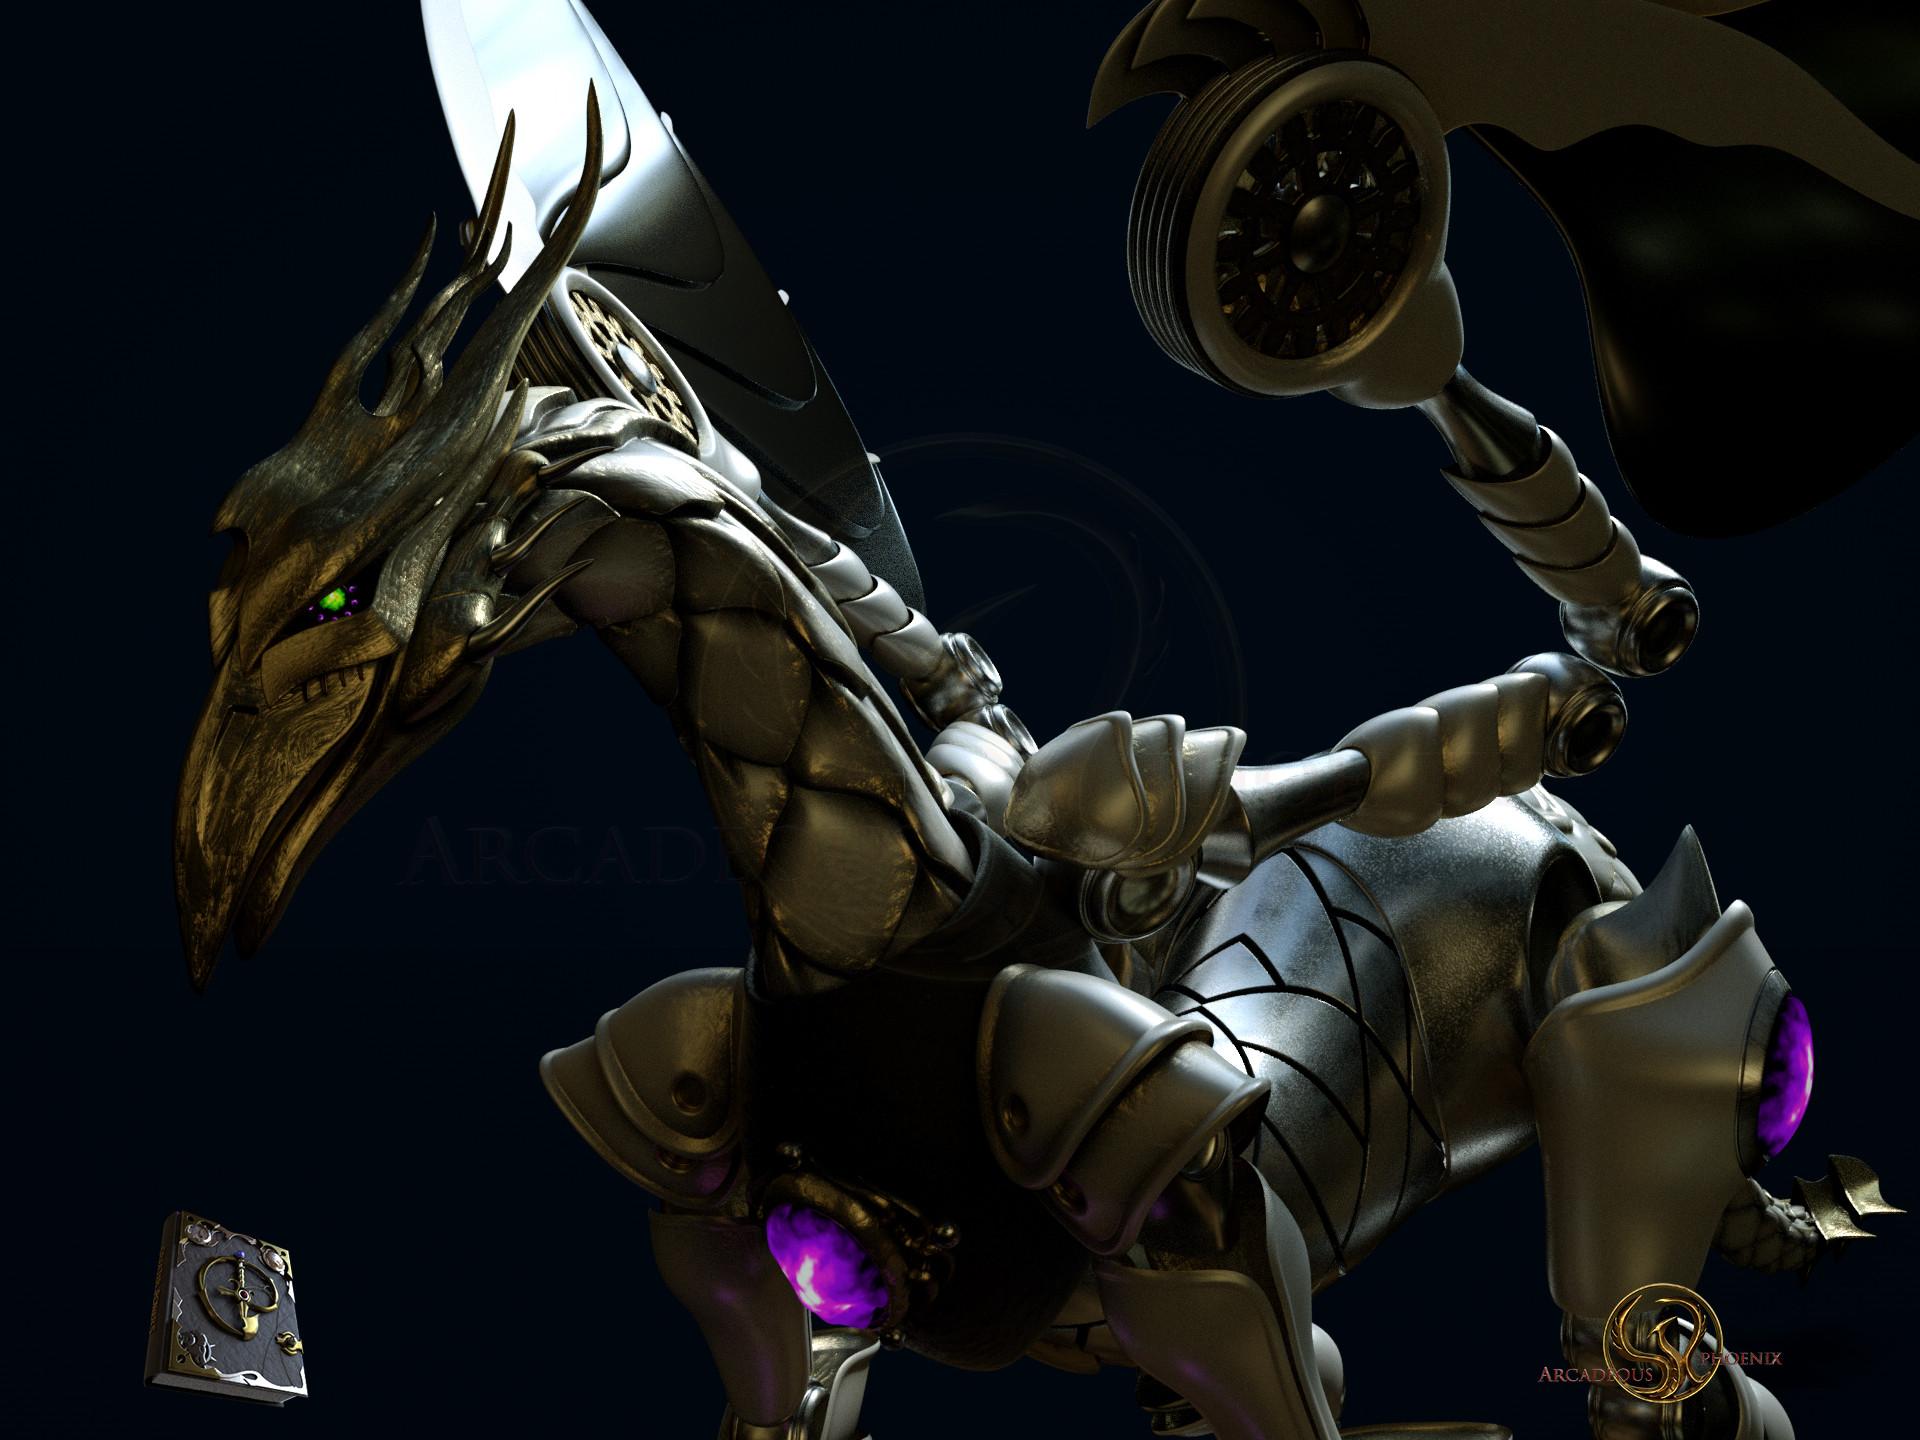 Arcadeous phoenix clockwork dragon 0014b